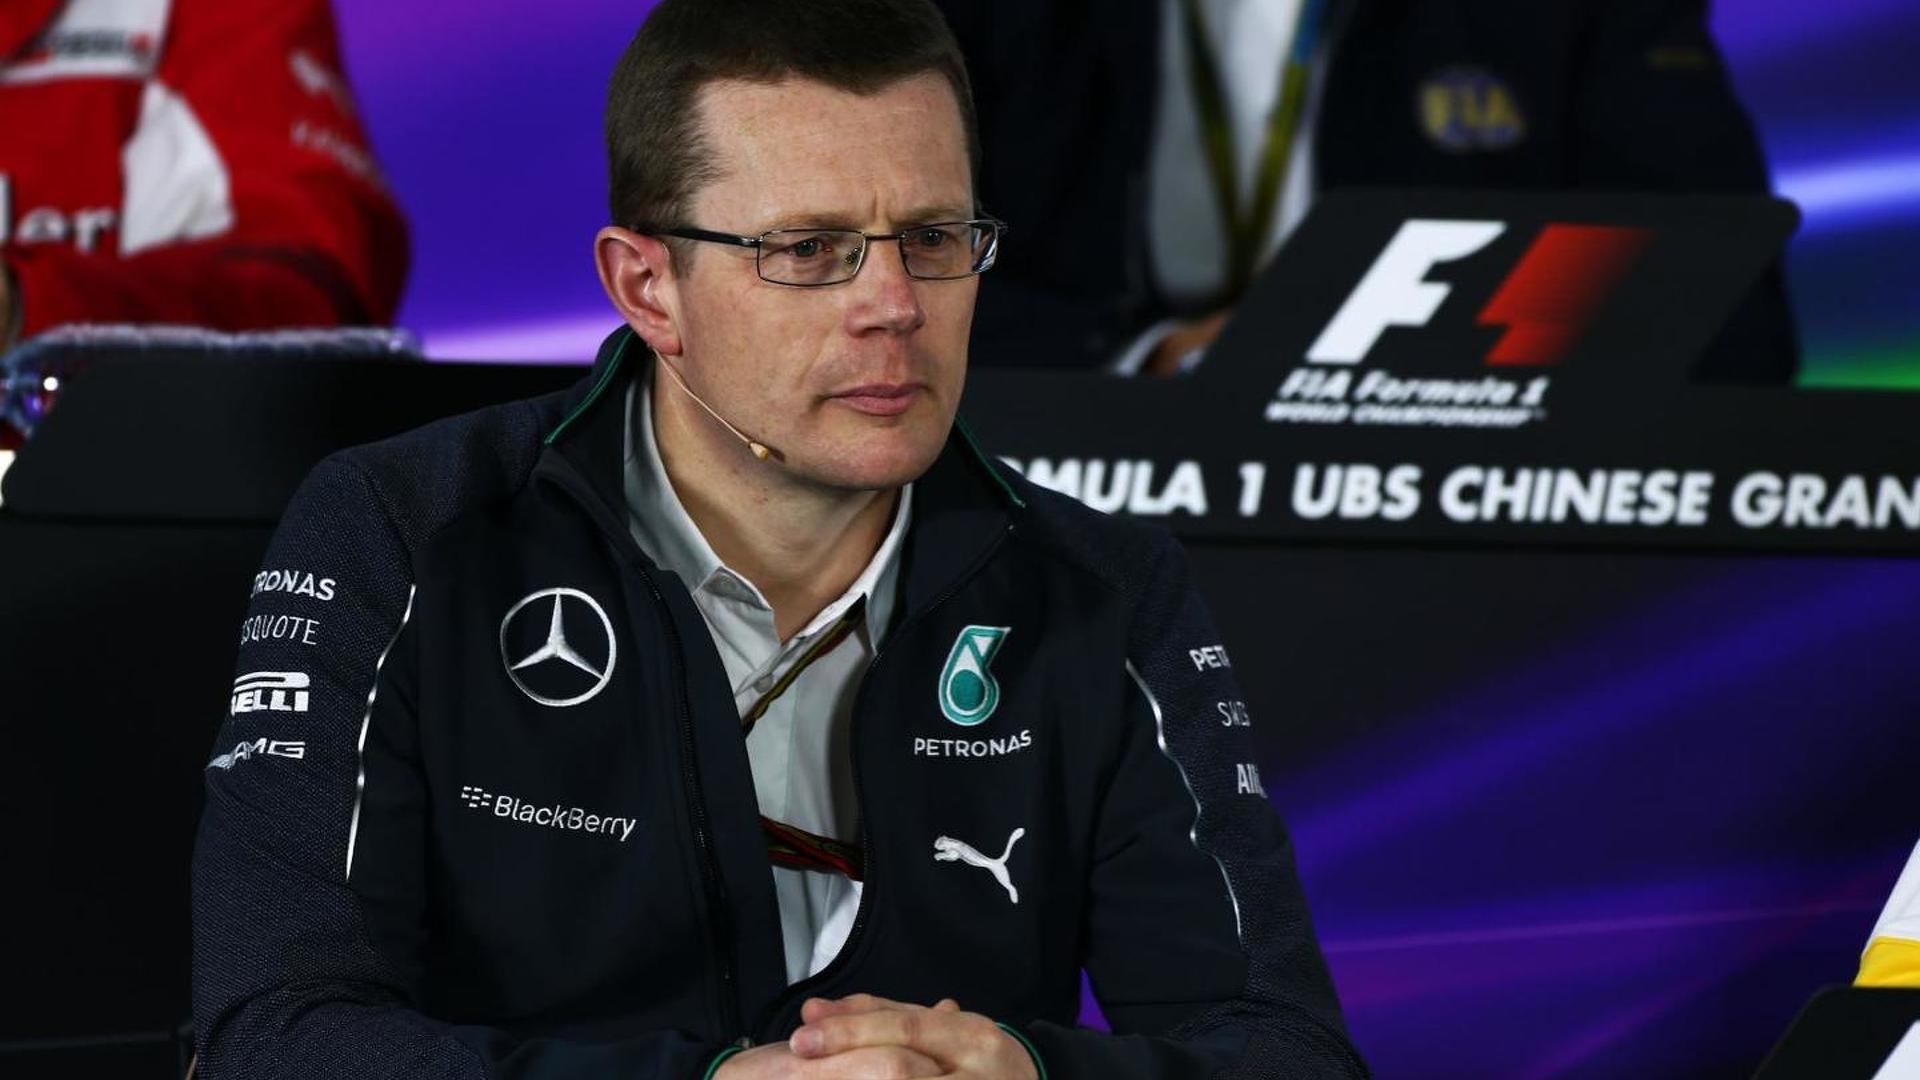 Mercedes' Cowell also said no to Ferrari - report